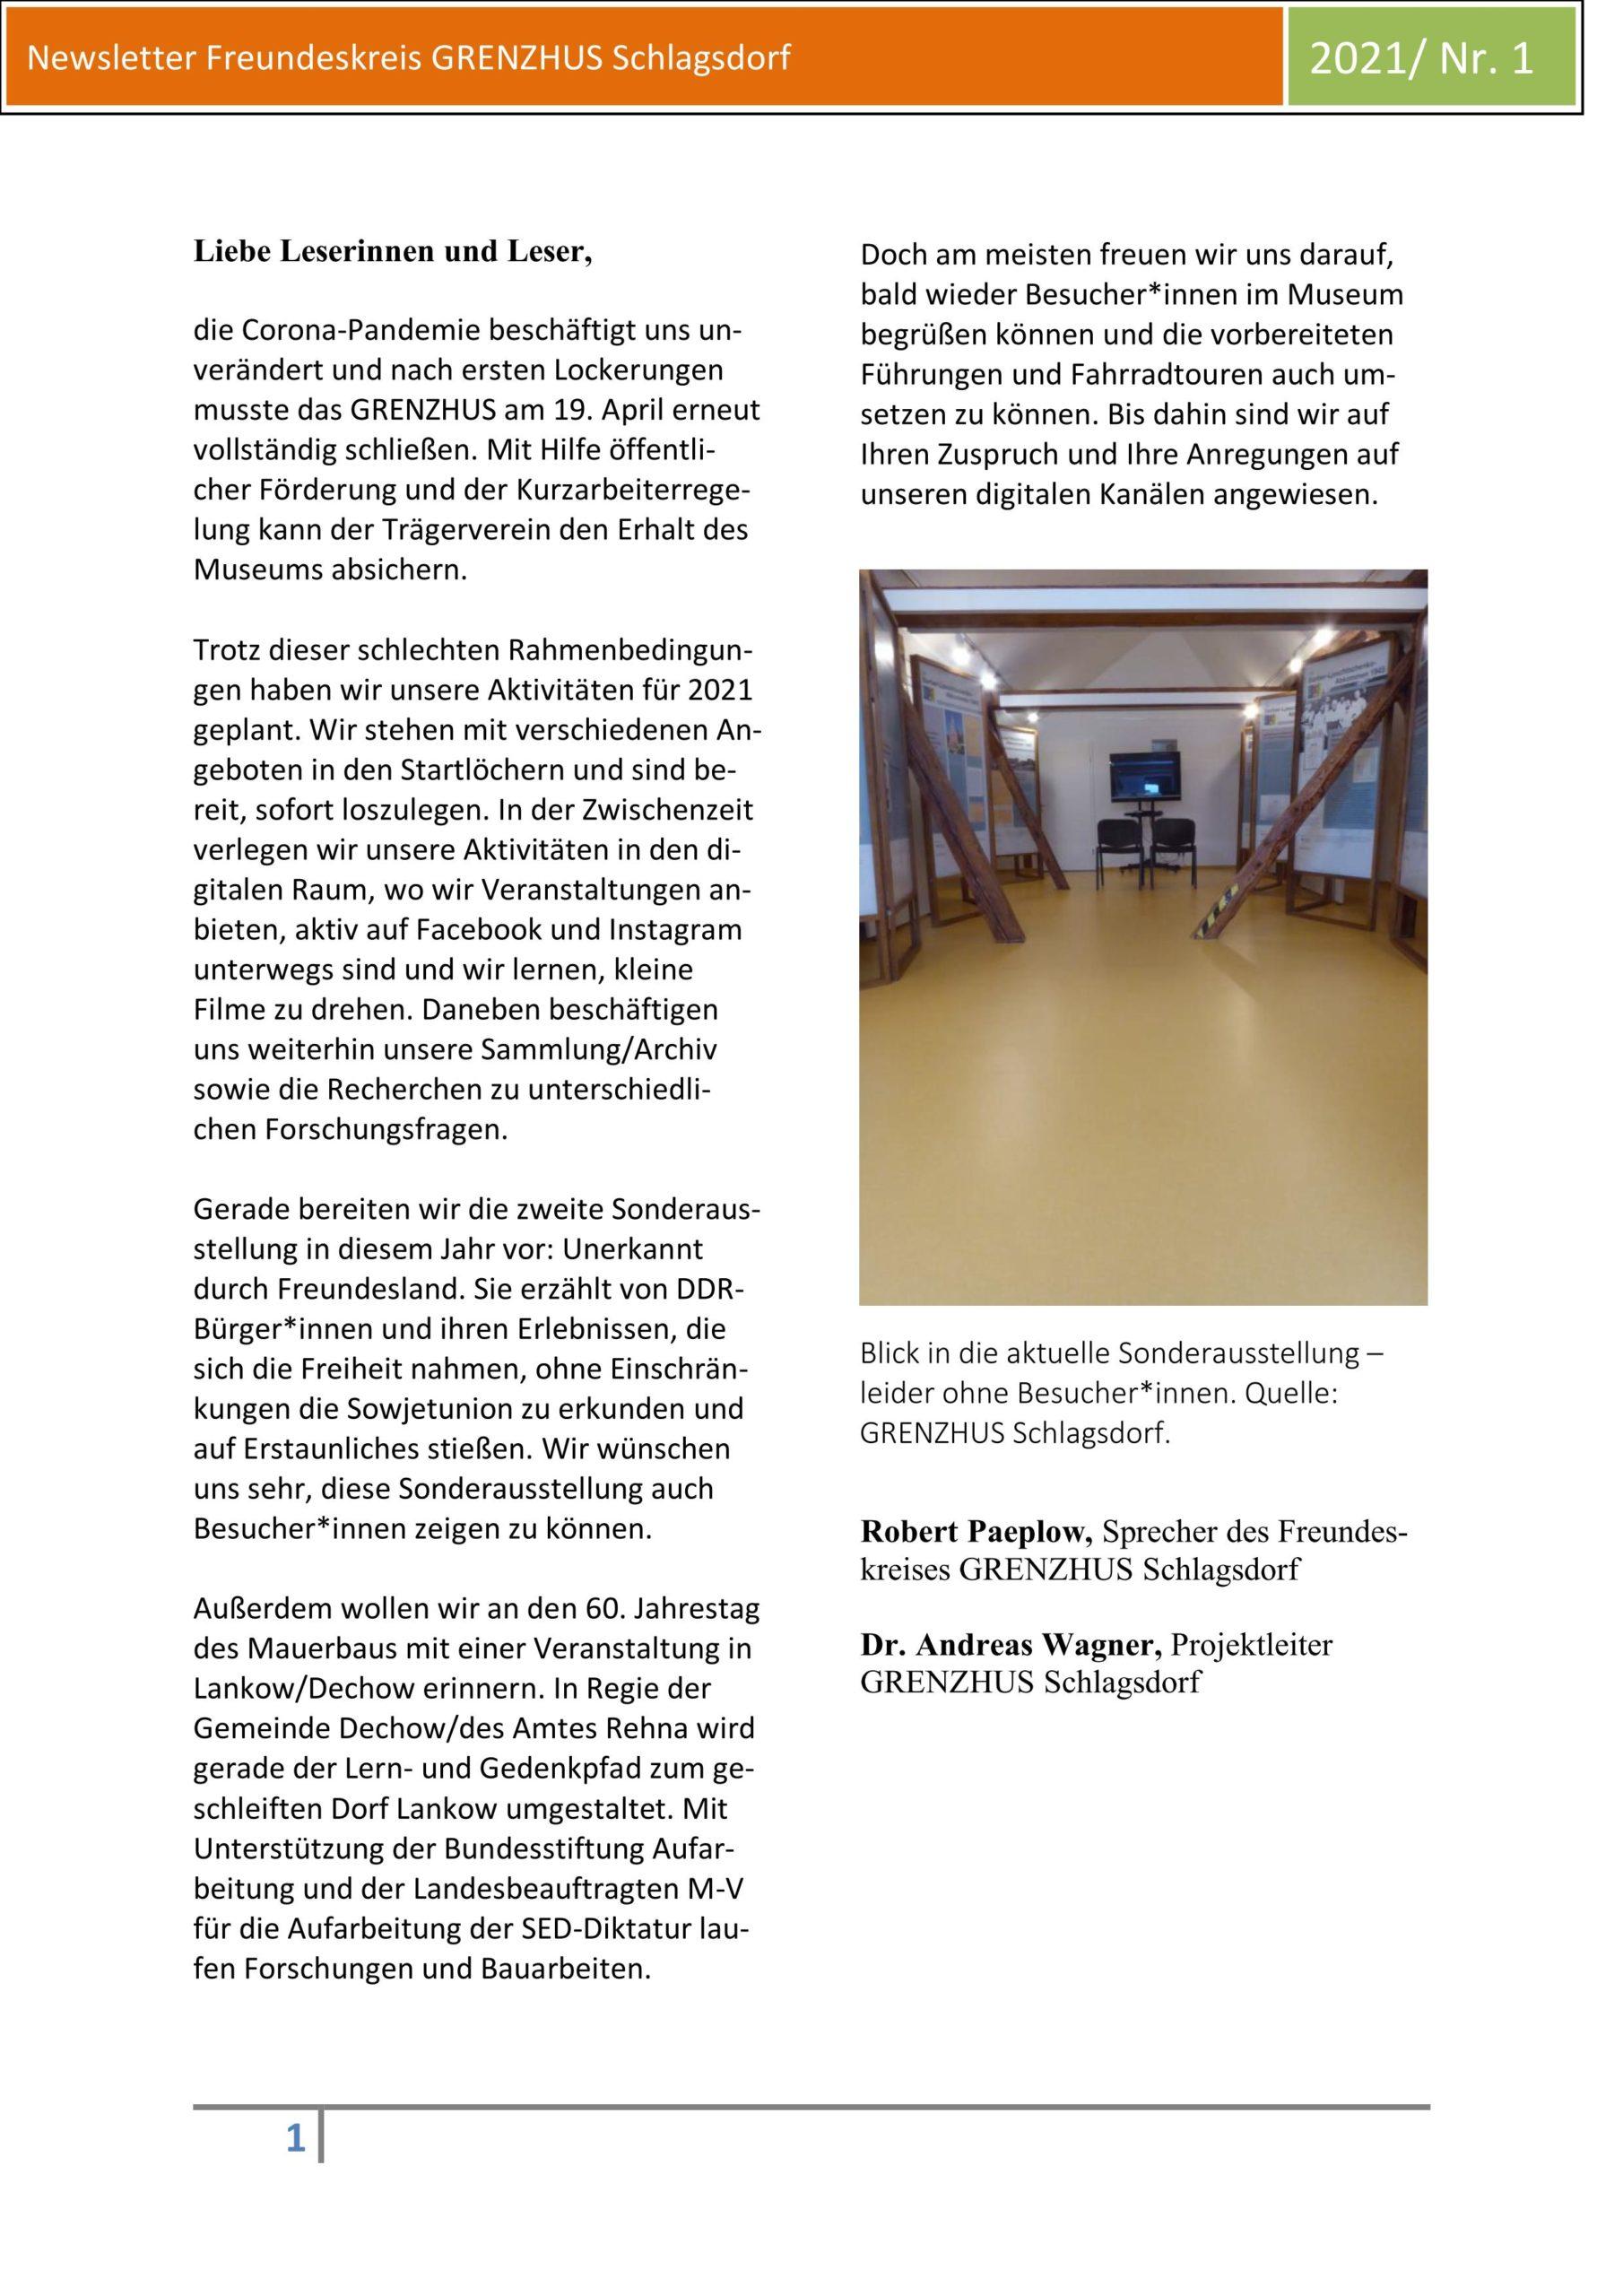 Der Grenzhus-Newsletter 1/2021